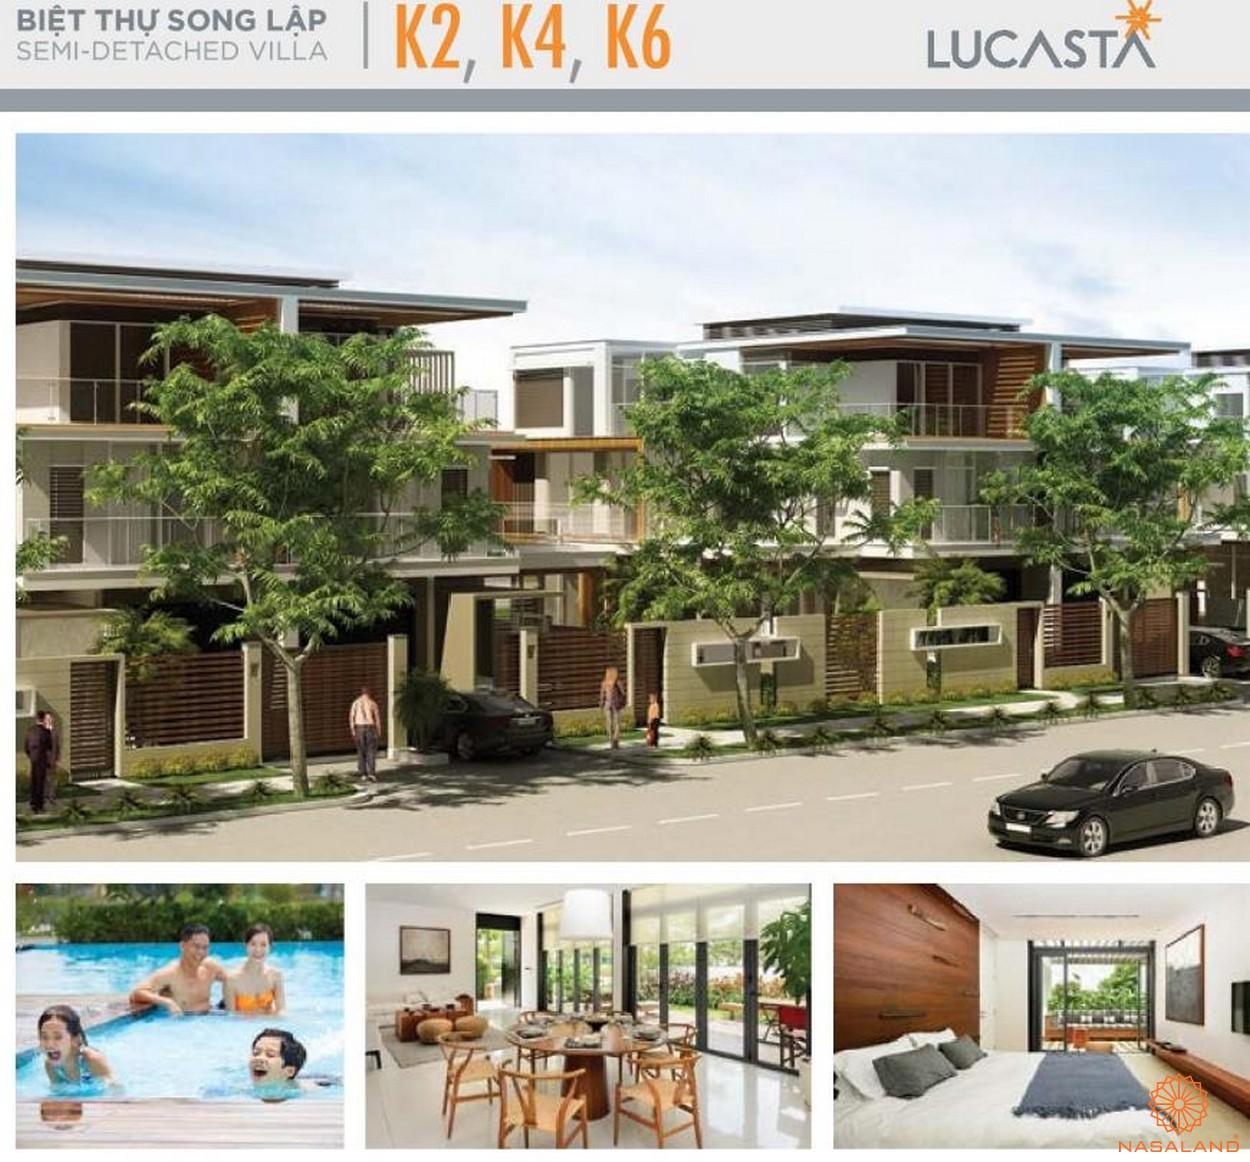 Hình ảnh nhà mẫu biệt thự K2-4-6 tại dự án biêt thự Lucasta quận 9